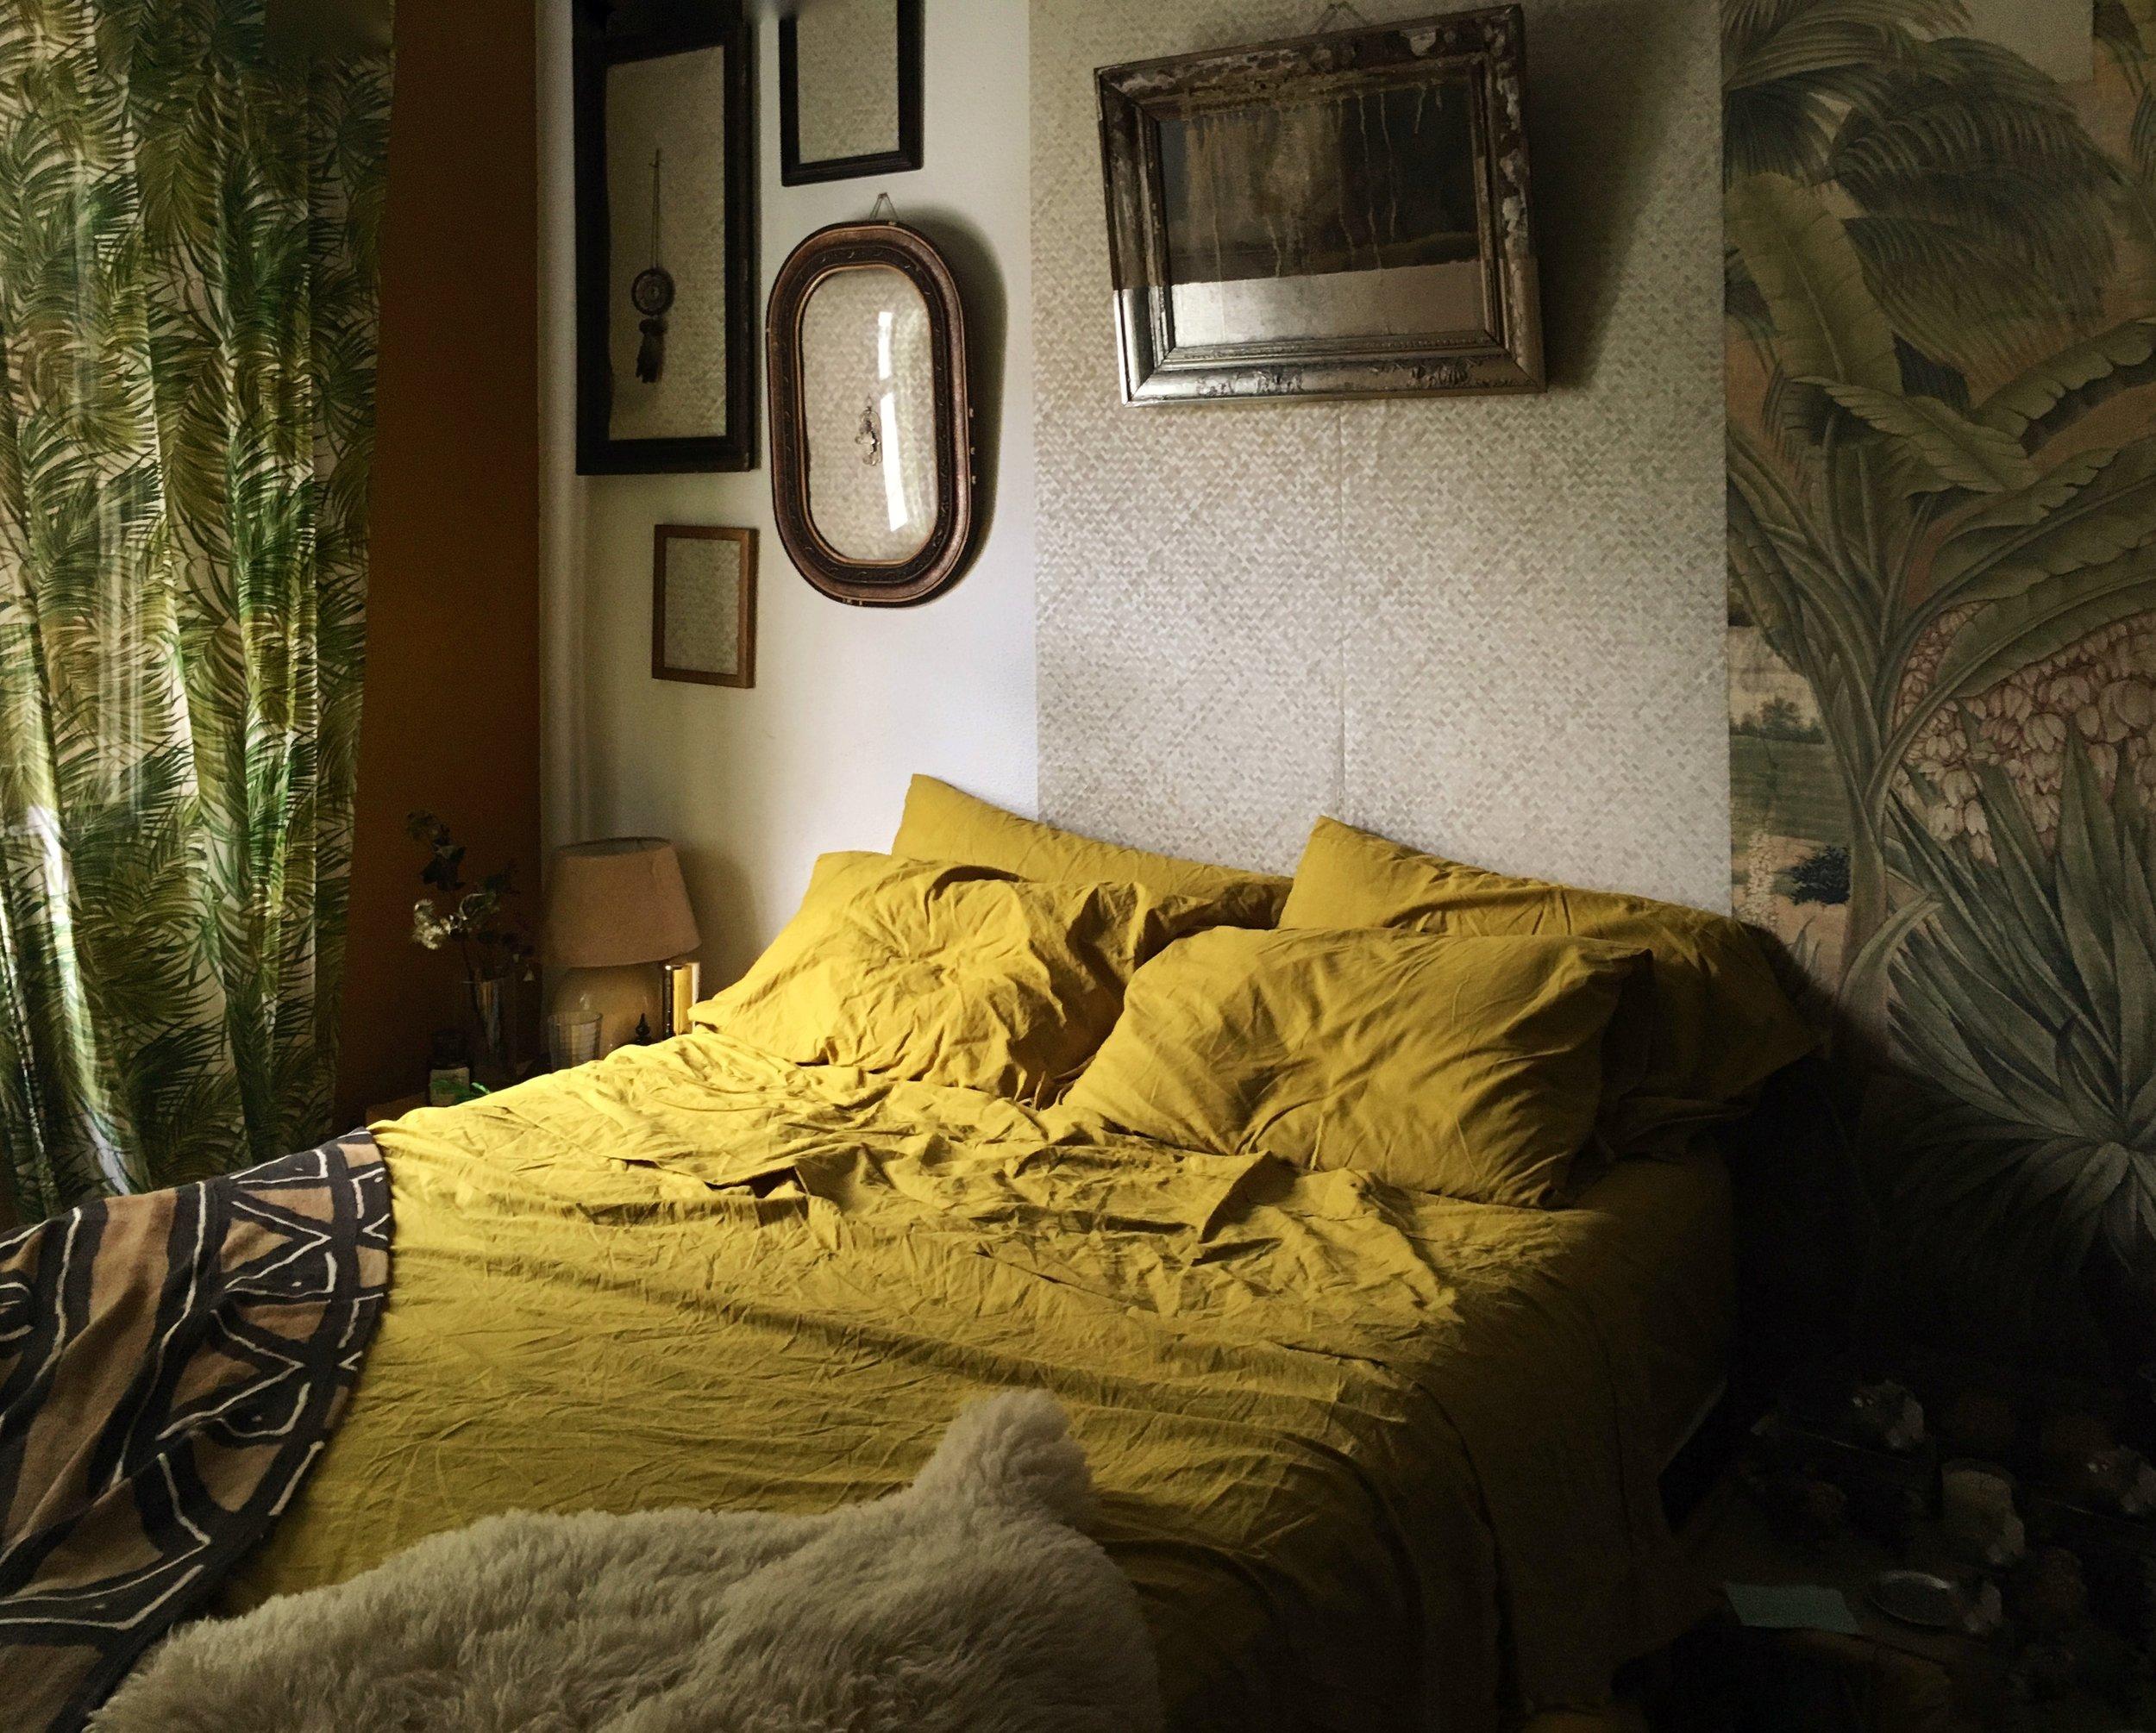 02-old-bedroom.jpg